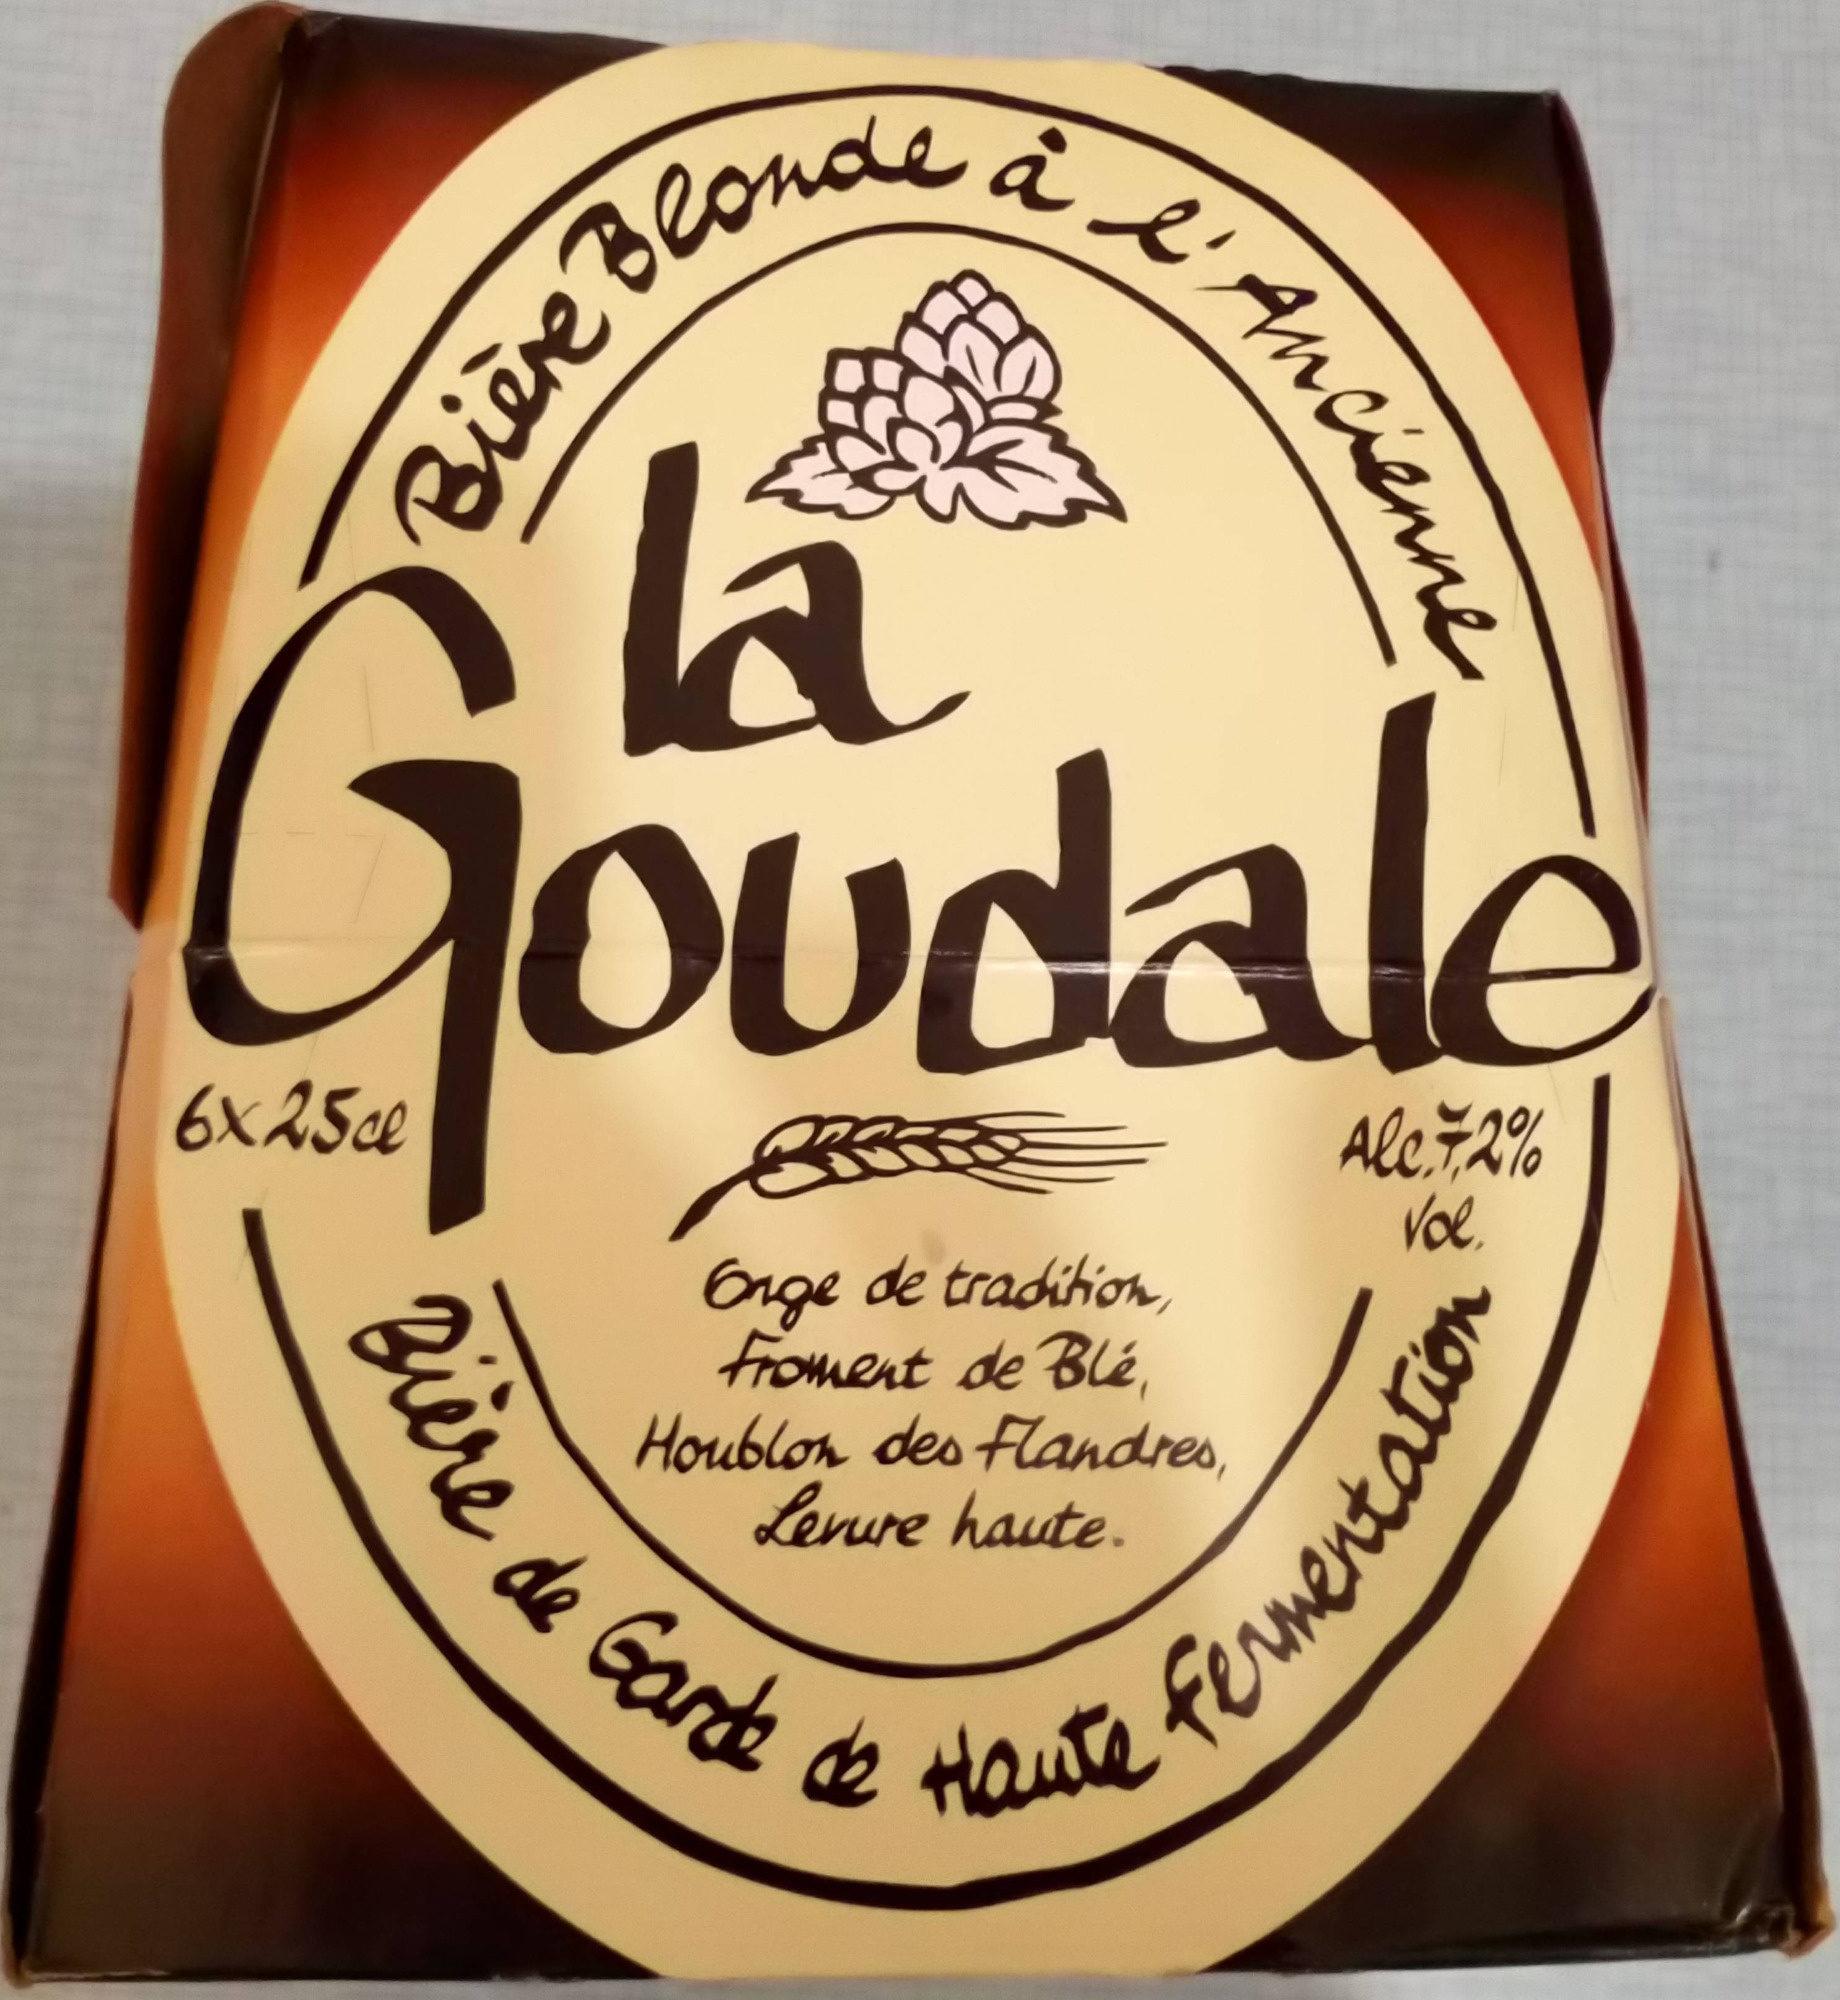 La Goulade - bière blonde à l'ancienne - Product - fr